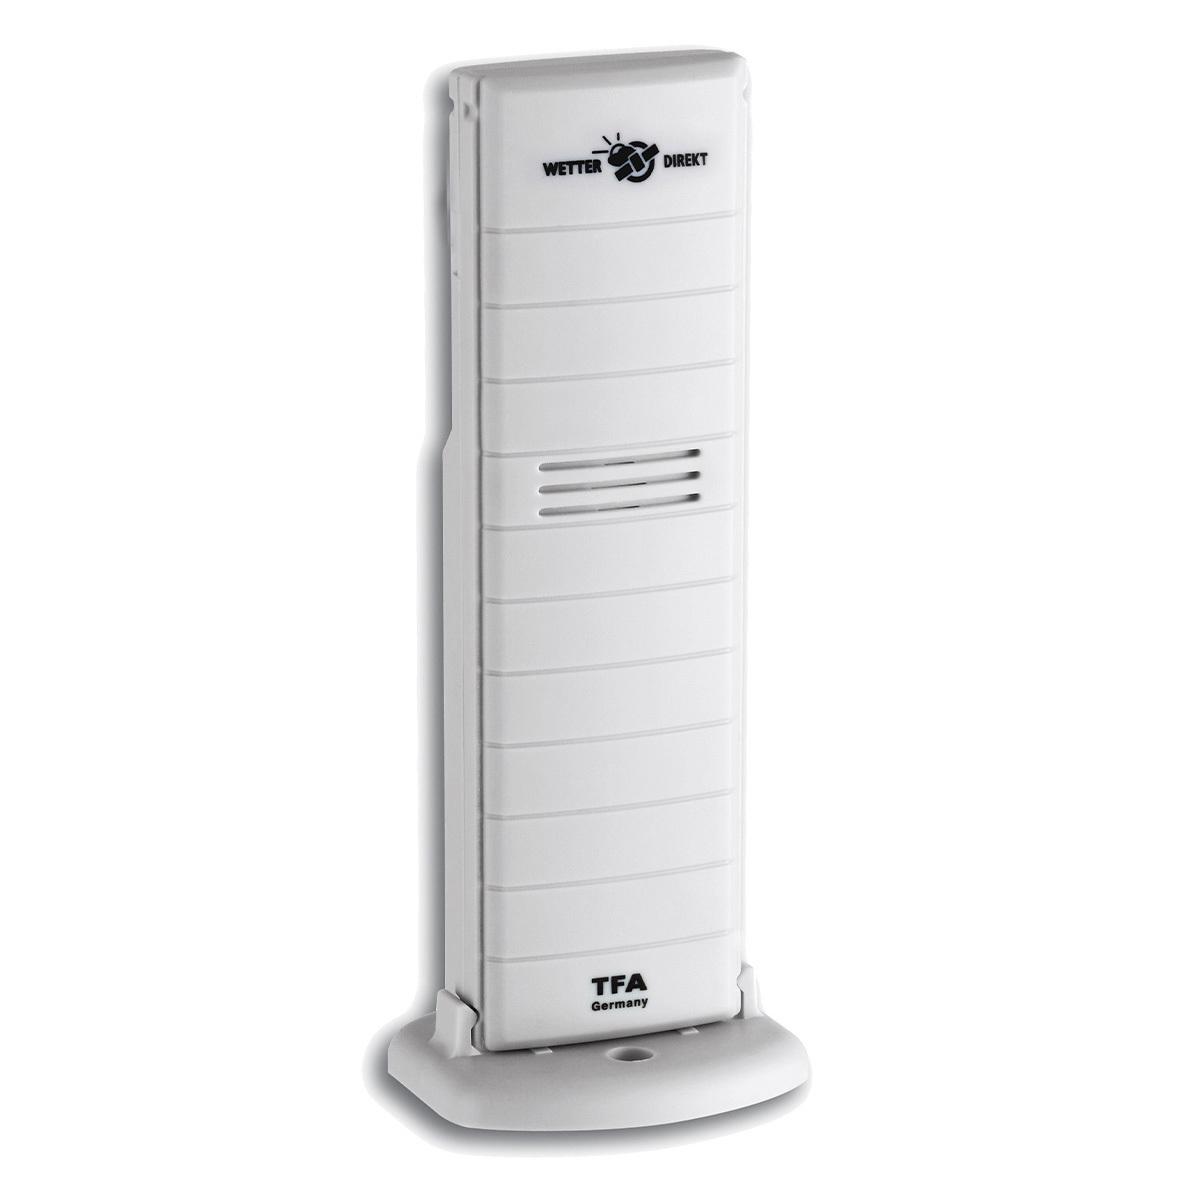 35-5054-it-satellitengestützte-funk-wetterstation-mit-wetterwarnung-neon-300-sender-1200x1200px.jpg